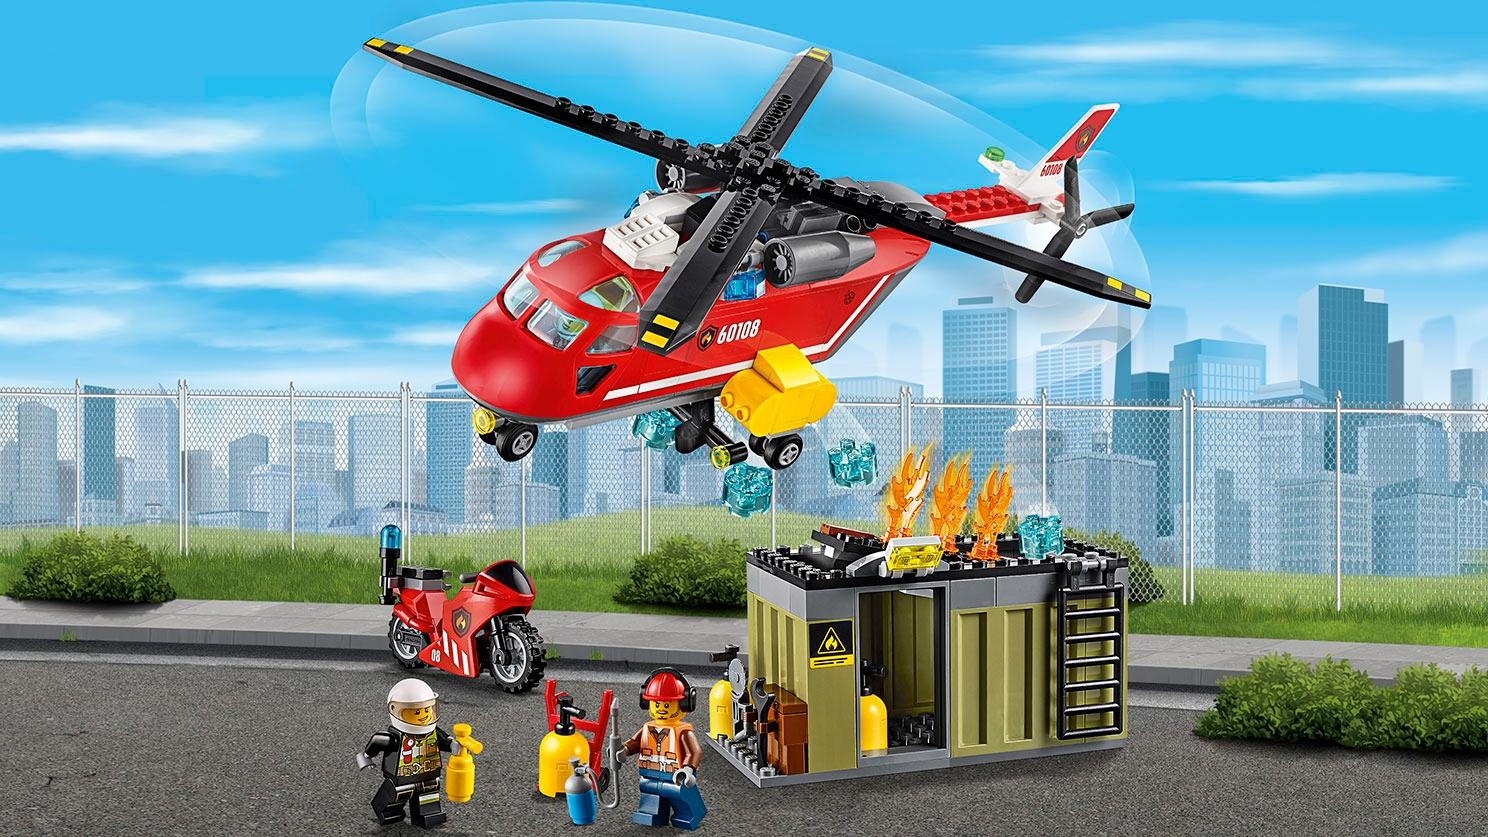 レゴ シティ コンテナの火事とヘリコプター – 消防ヘリコプター 60108